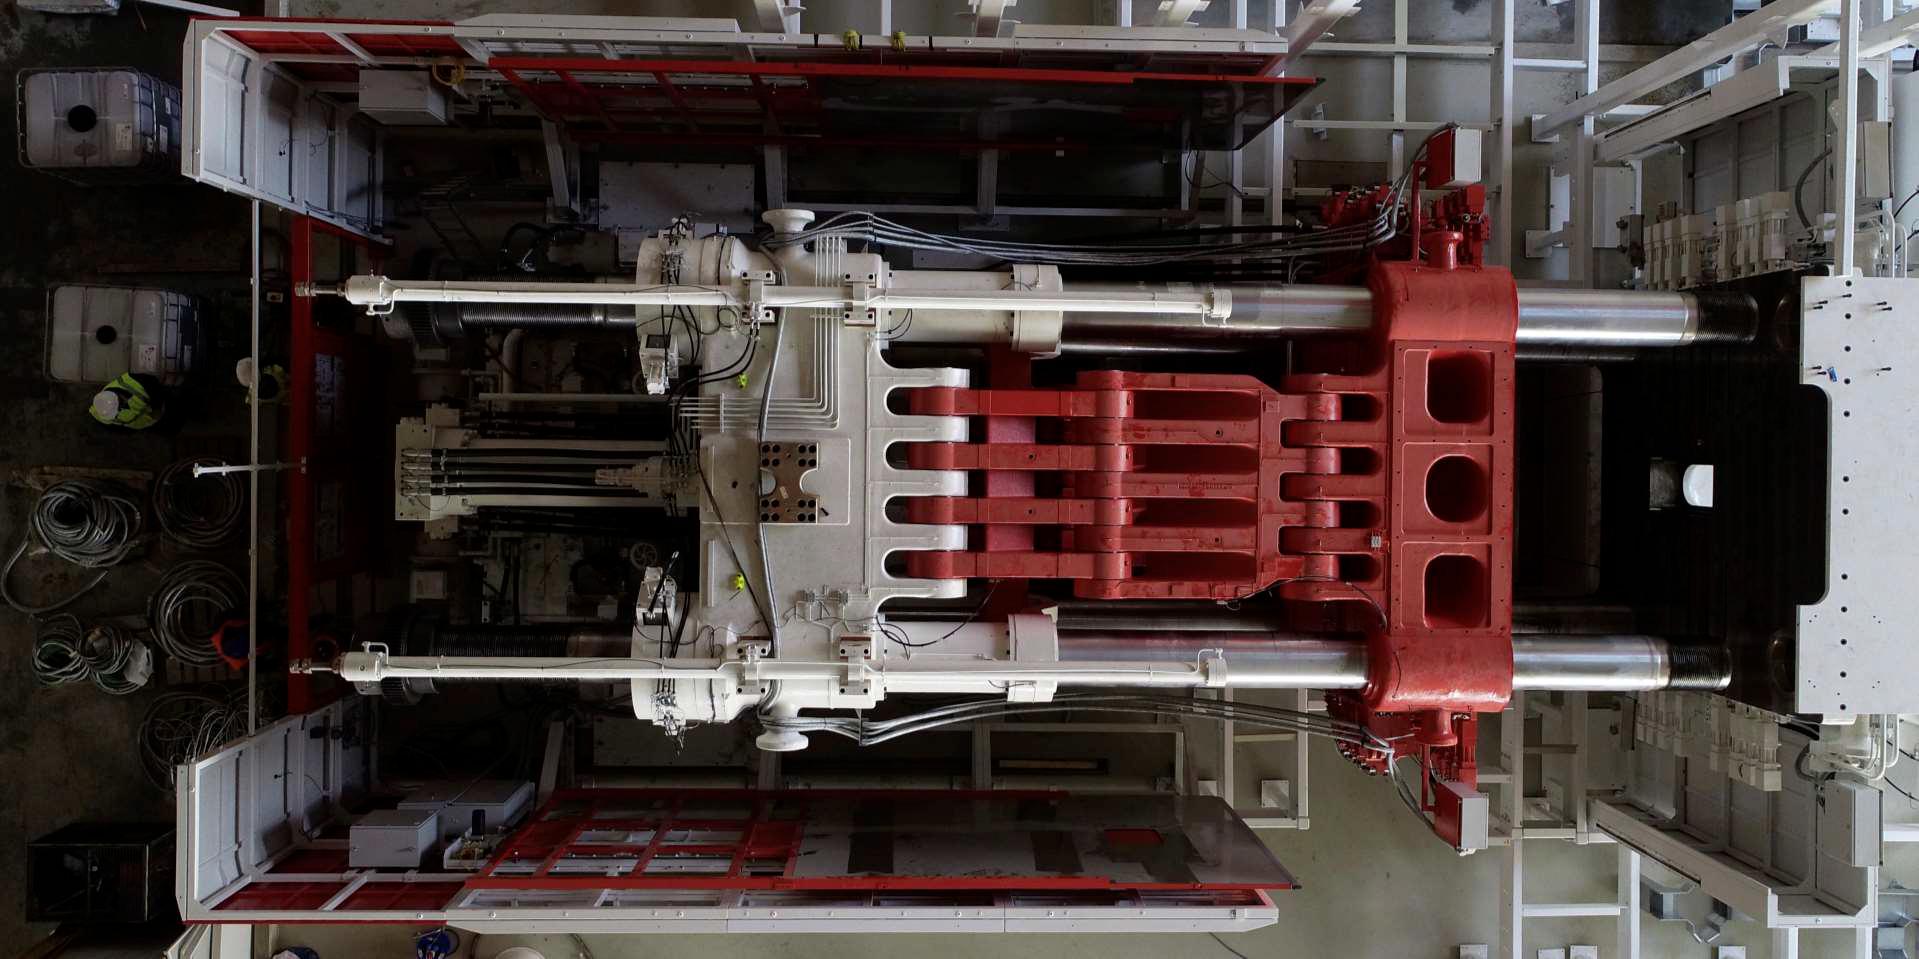 Поставщик Tesla Giga Press строит загадочный пресс на 9000 тонн в Китае